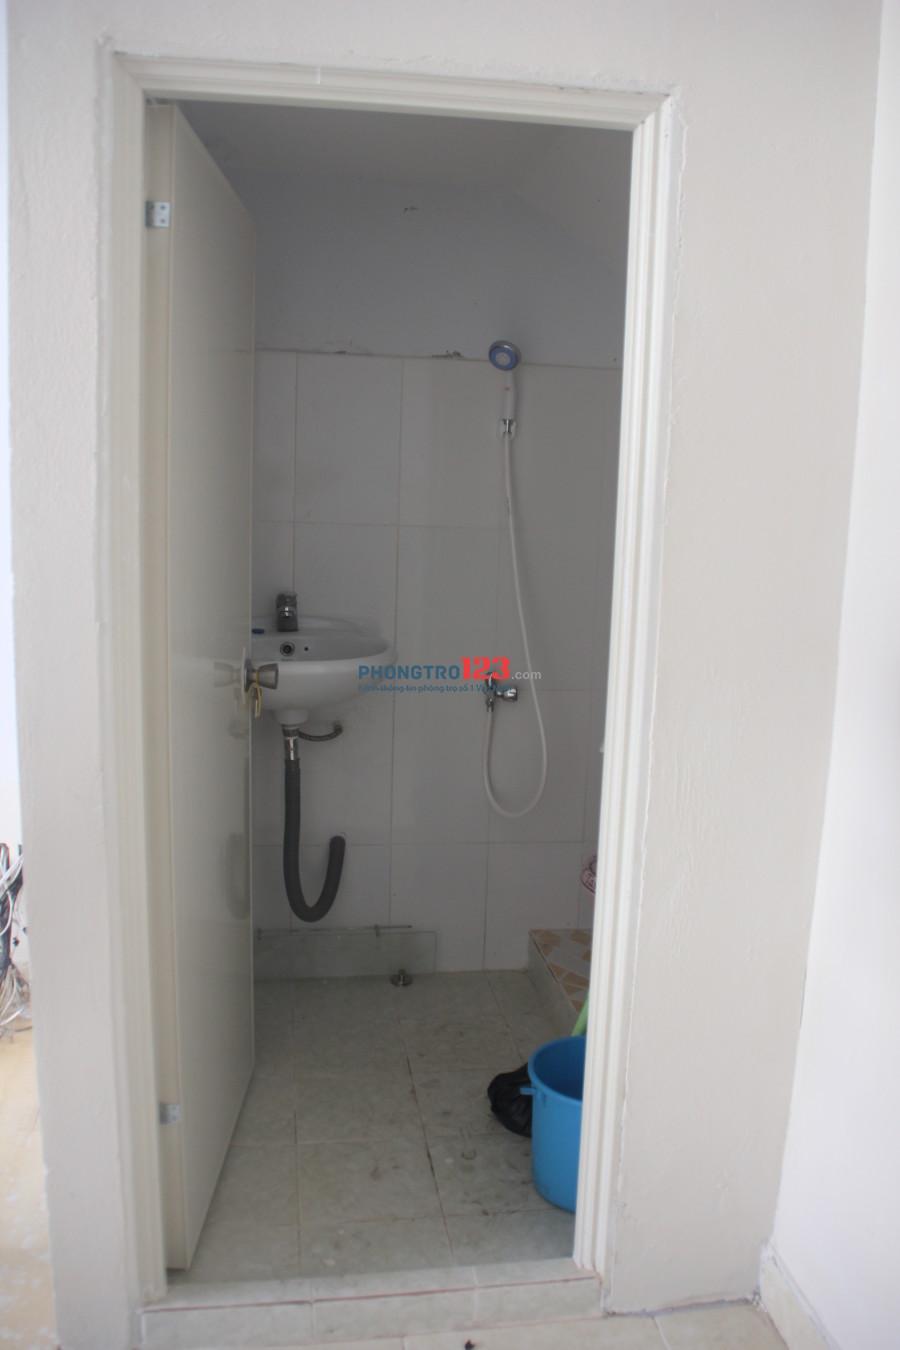 Phòng trọ máy lạnh 18m2, khu Kiều Đàm_cầu Kênh Tẻ, gần Lotte Mart Q7